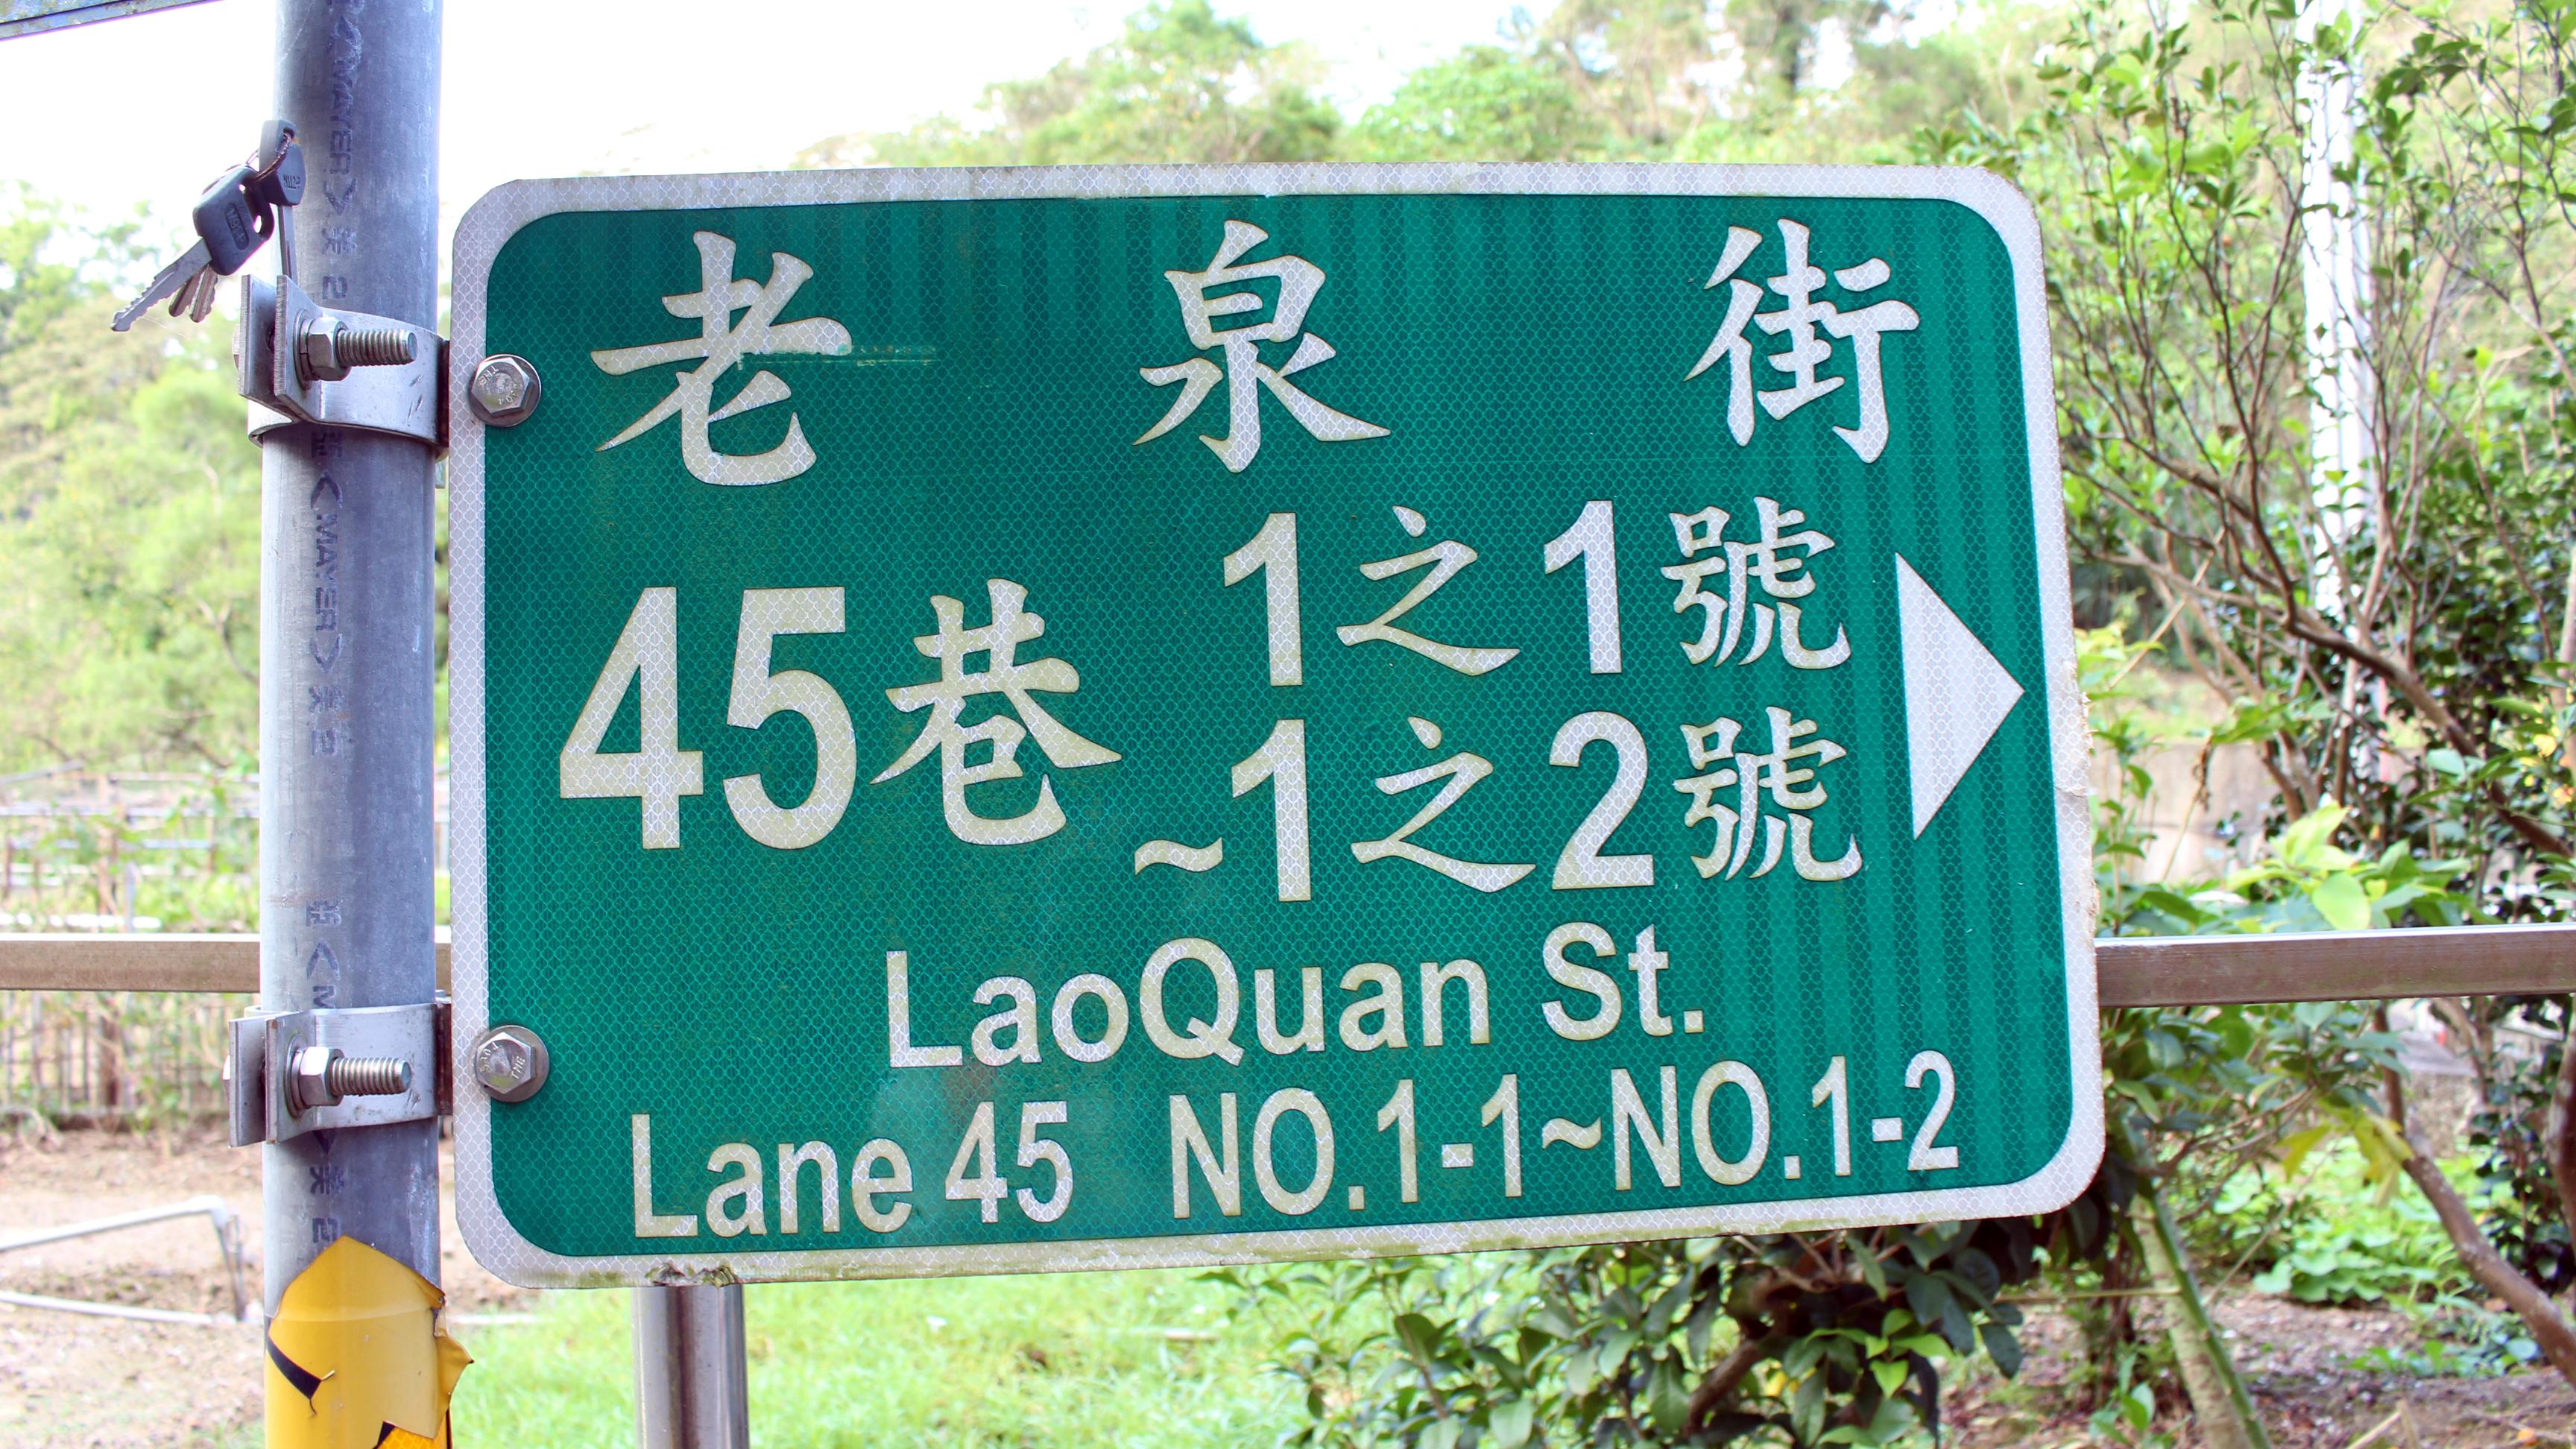 新設的路標清楚、顯眼,同時減少遊客迷路的情況。